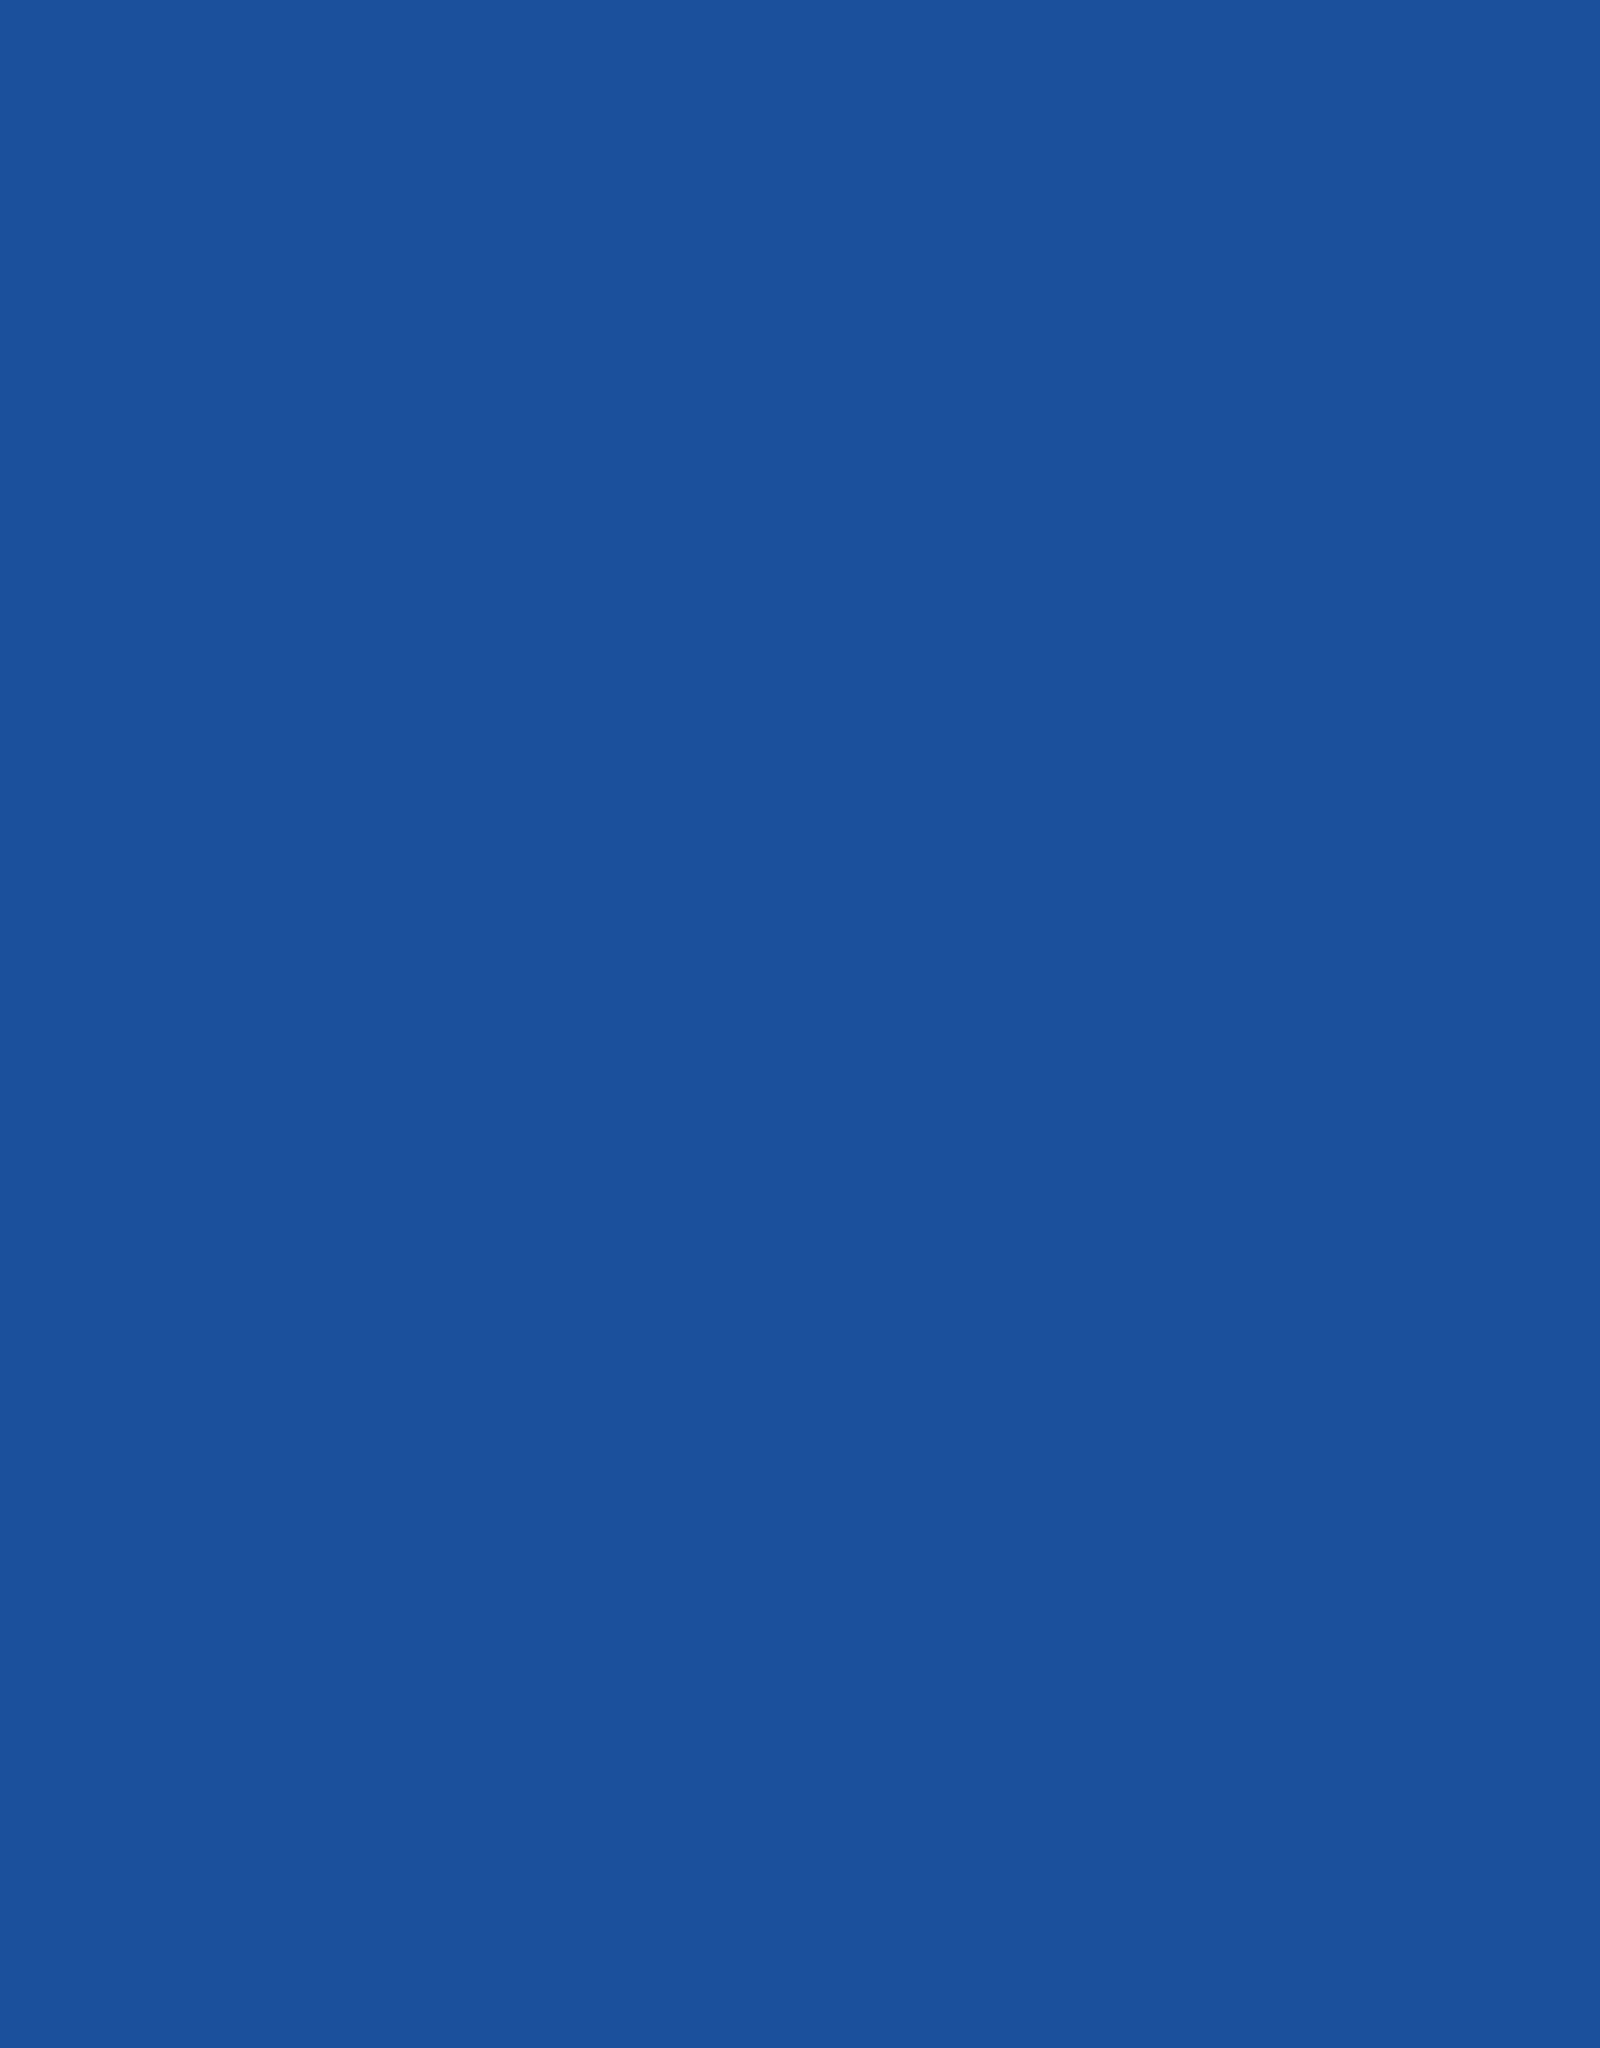 Sennelier, Egg Tempera, Ultramarine Blue, Series 2, 21ml Tube